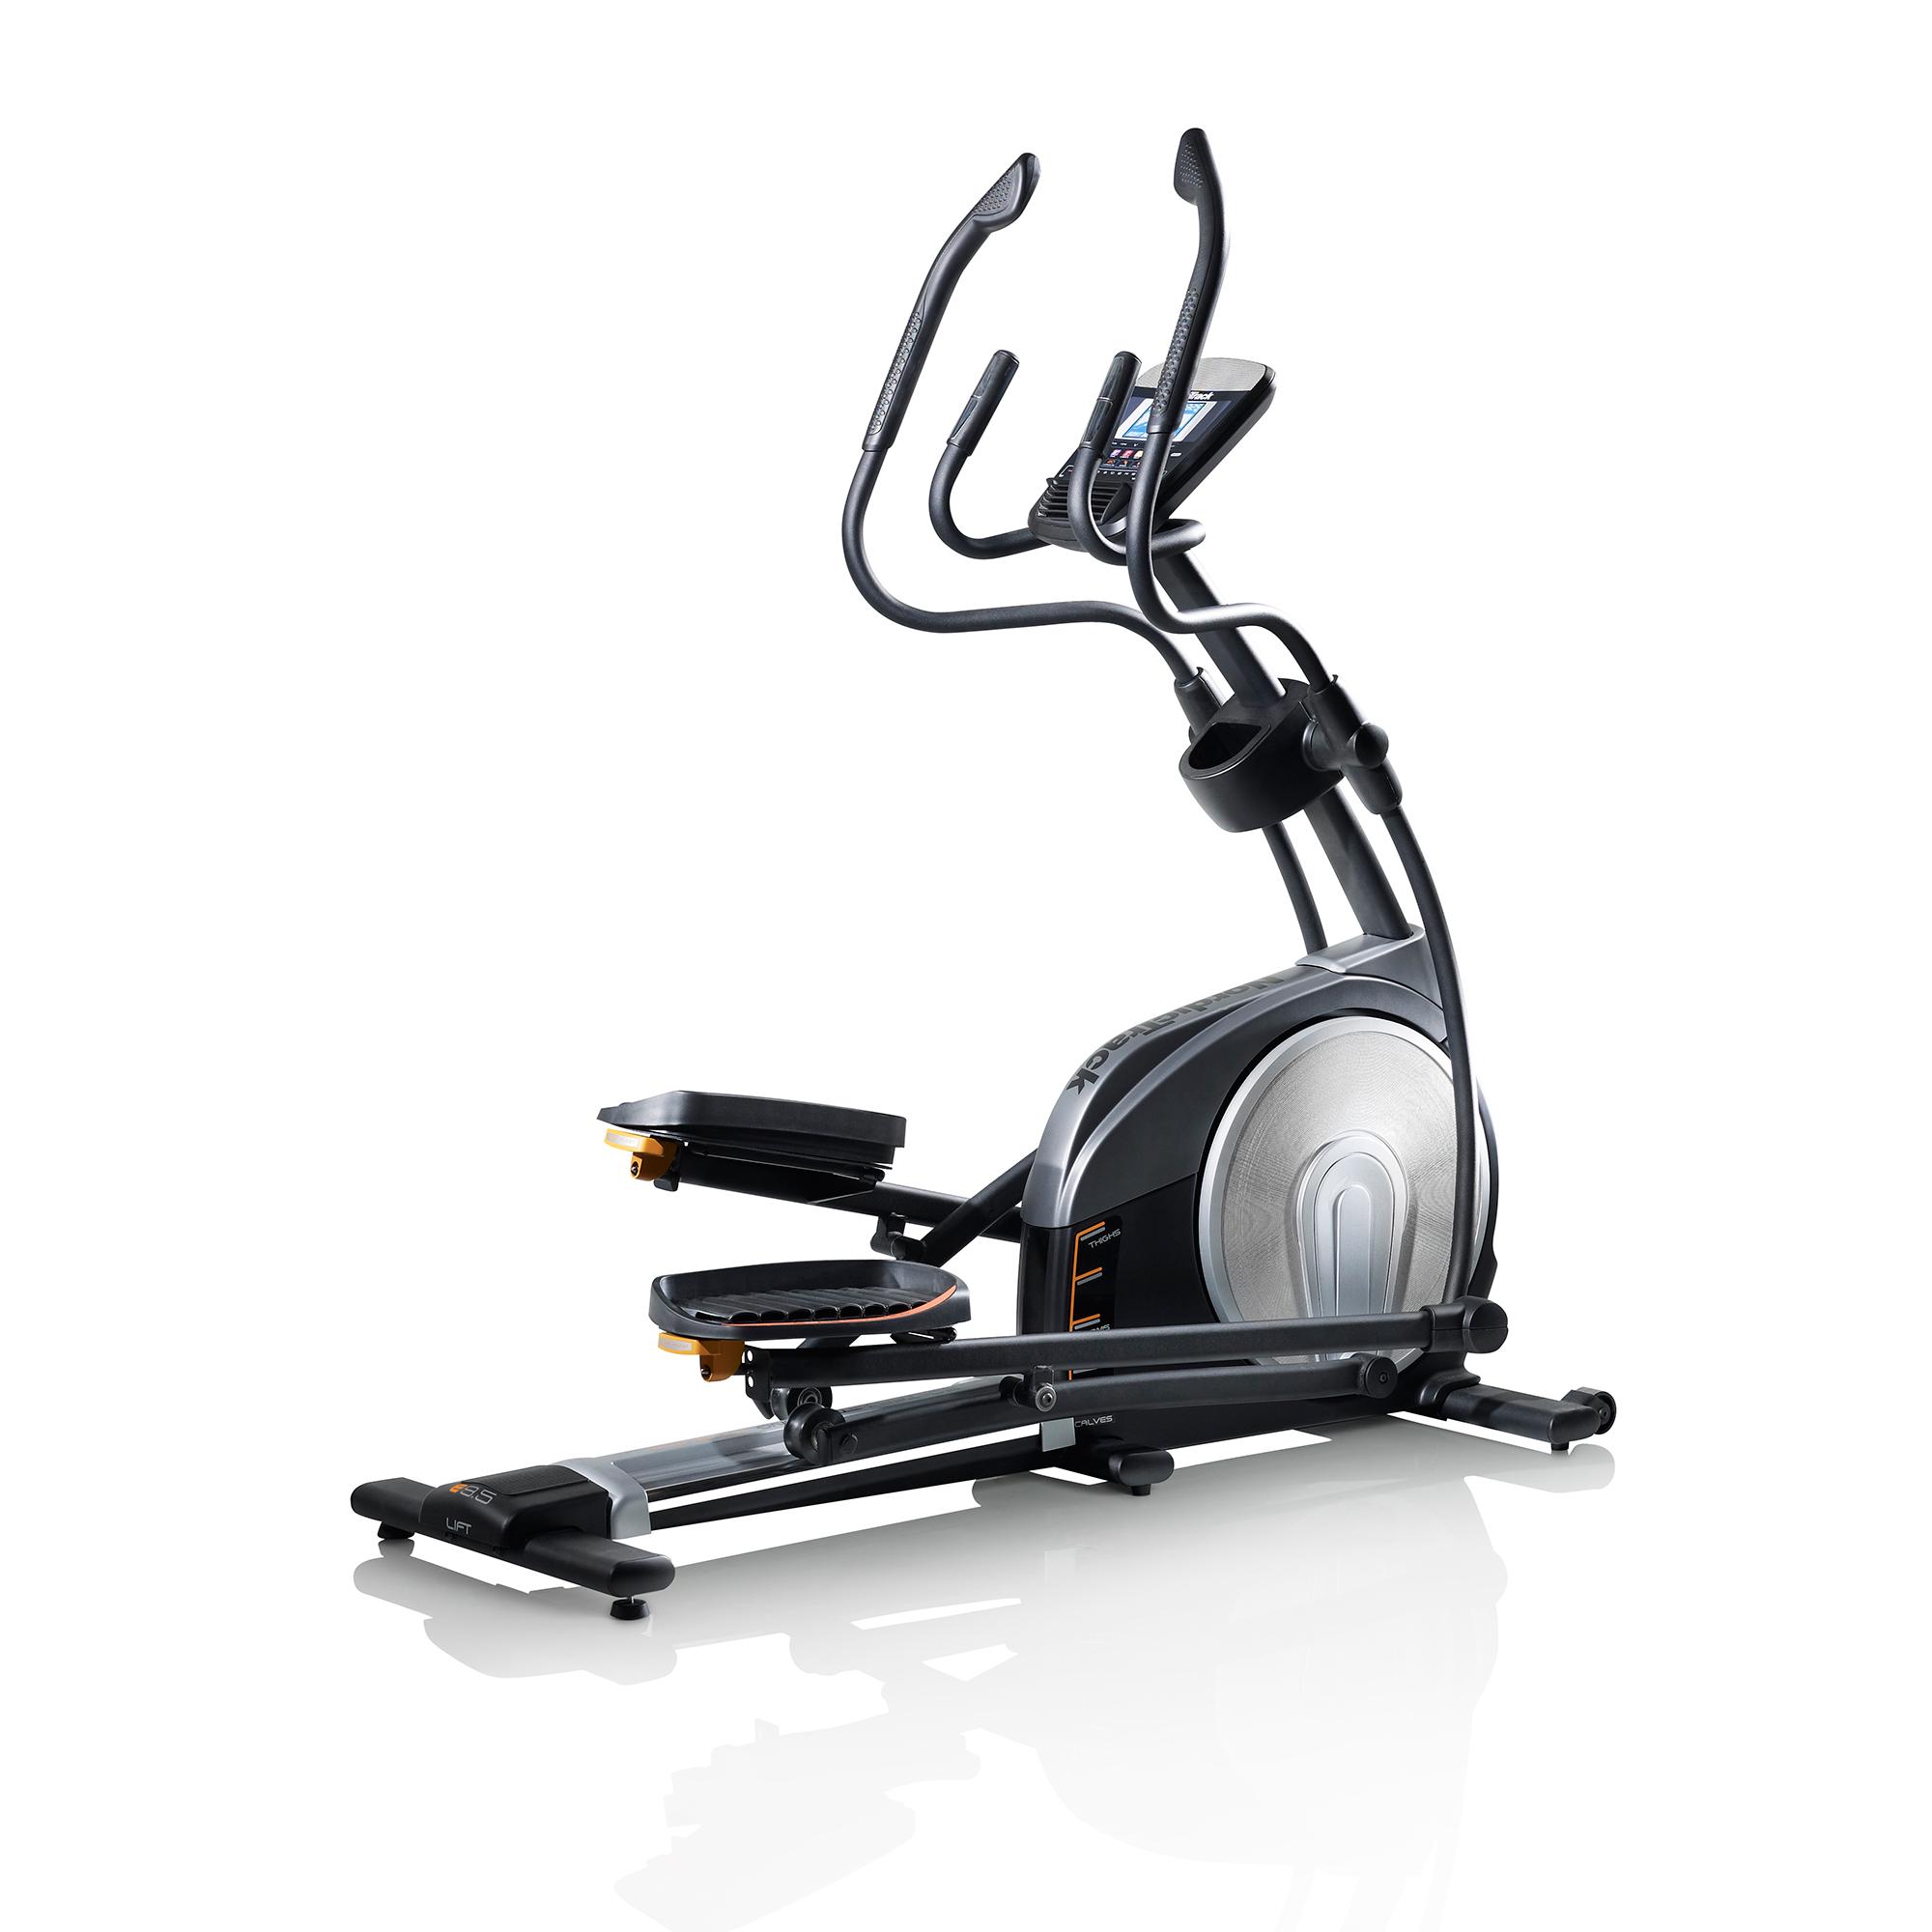 nordic elliptical machine